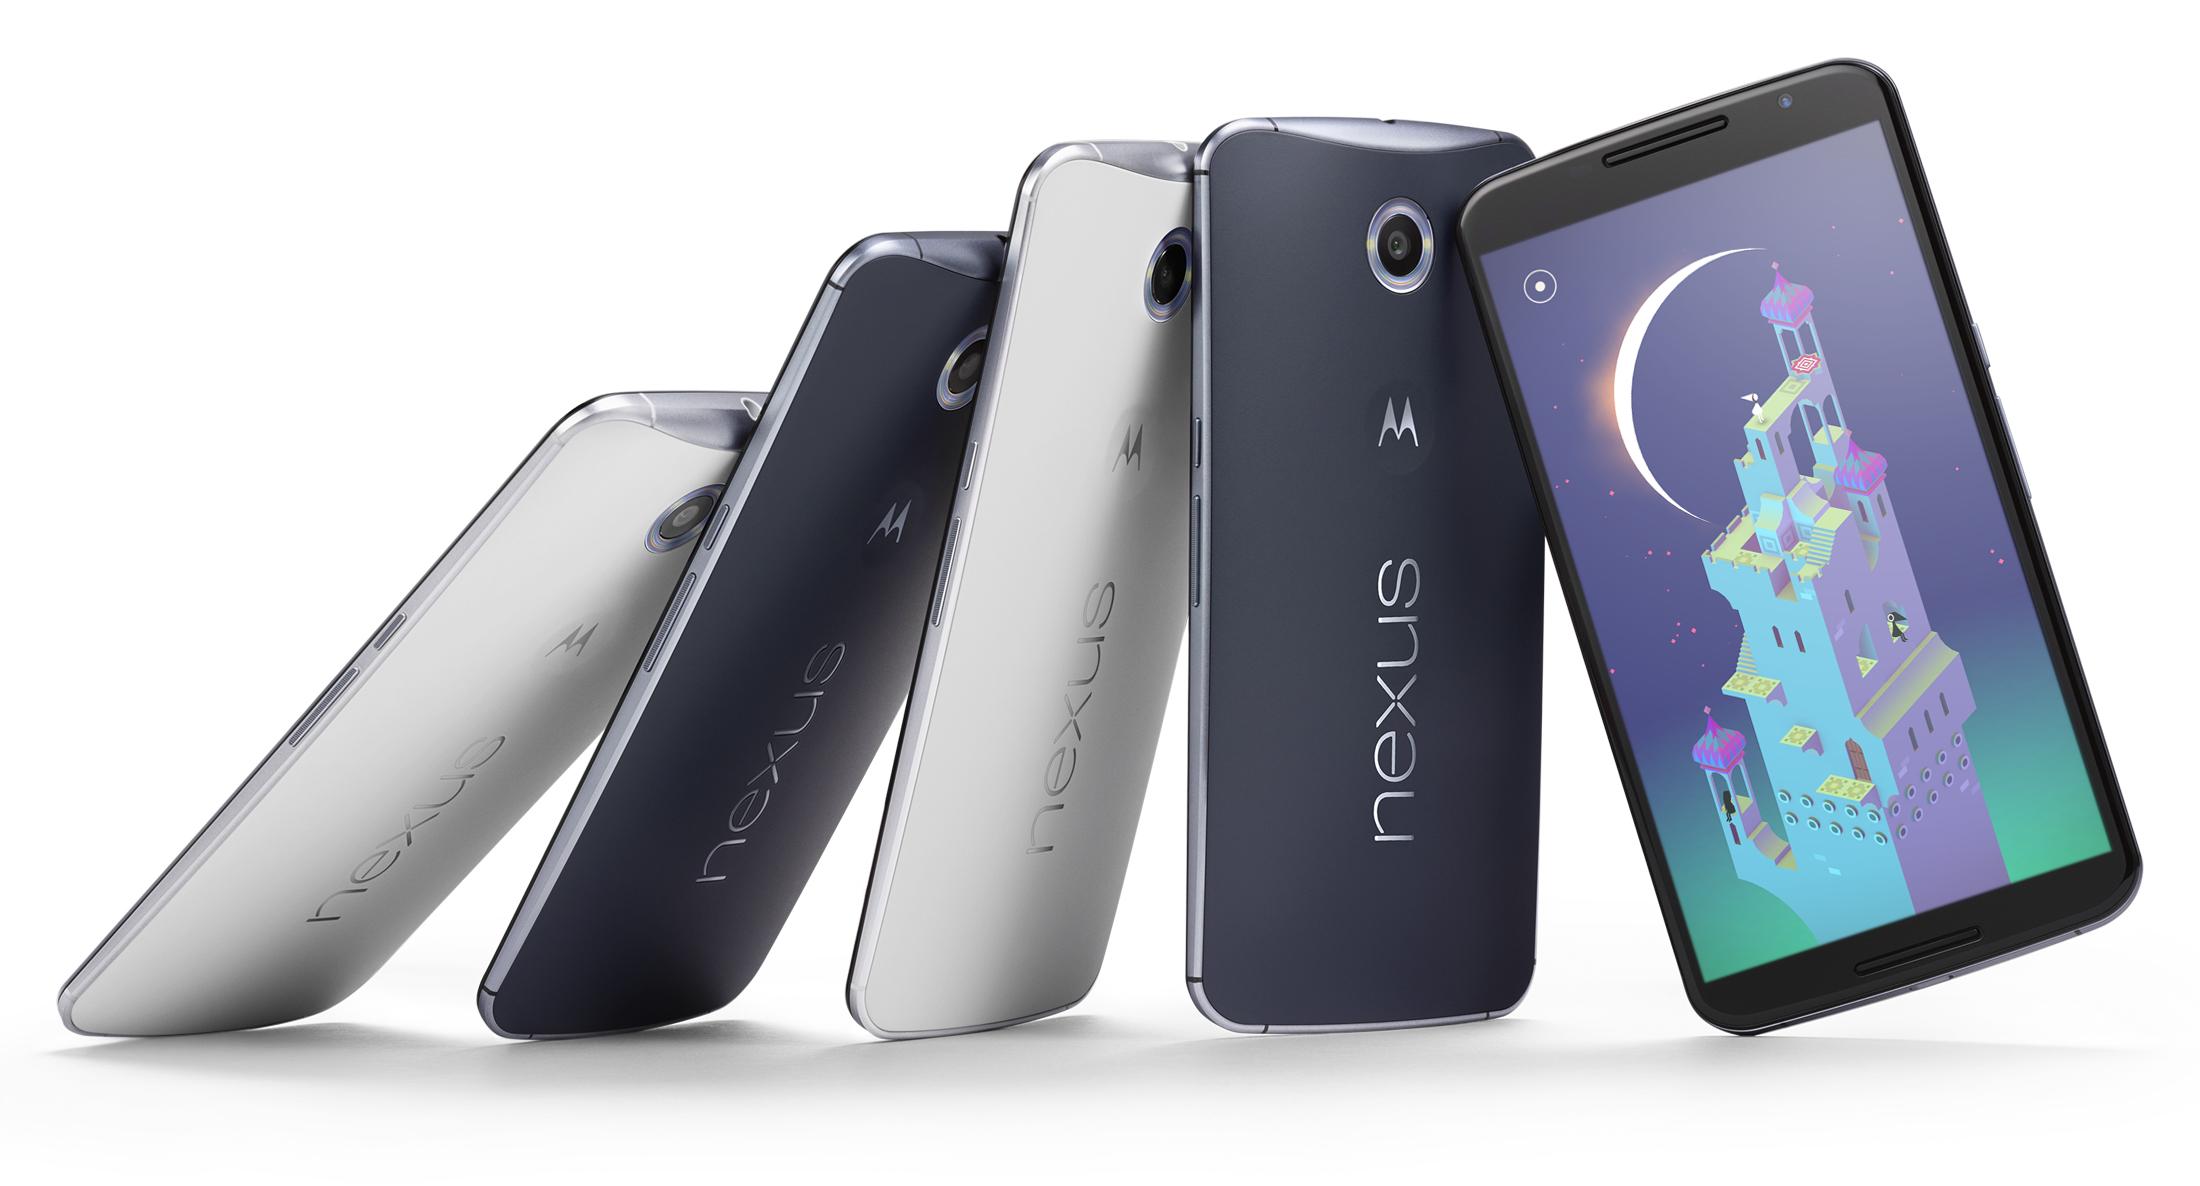 El Nexus llegara al mercado en dos colores